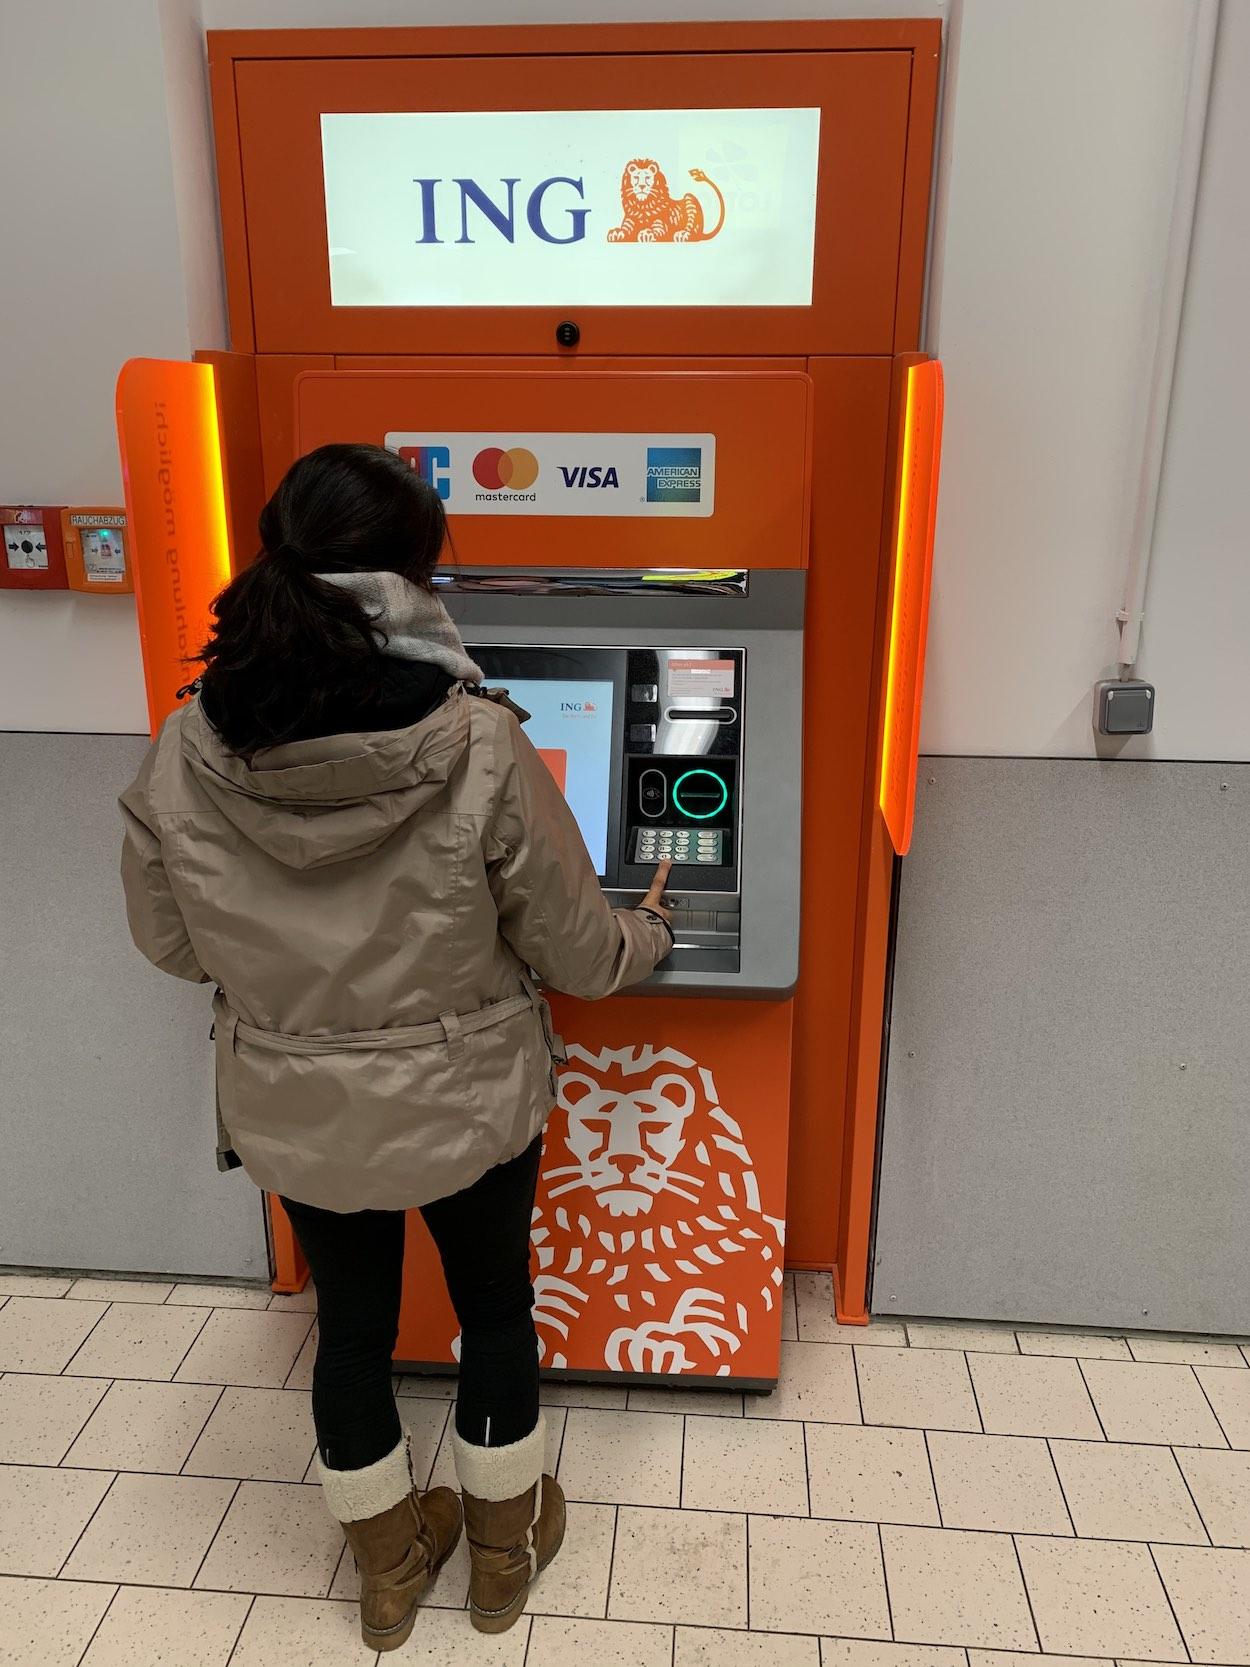 ING-Filiale Direktbank Geldautomat ING-DiBa